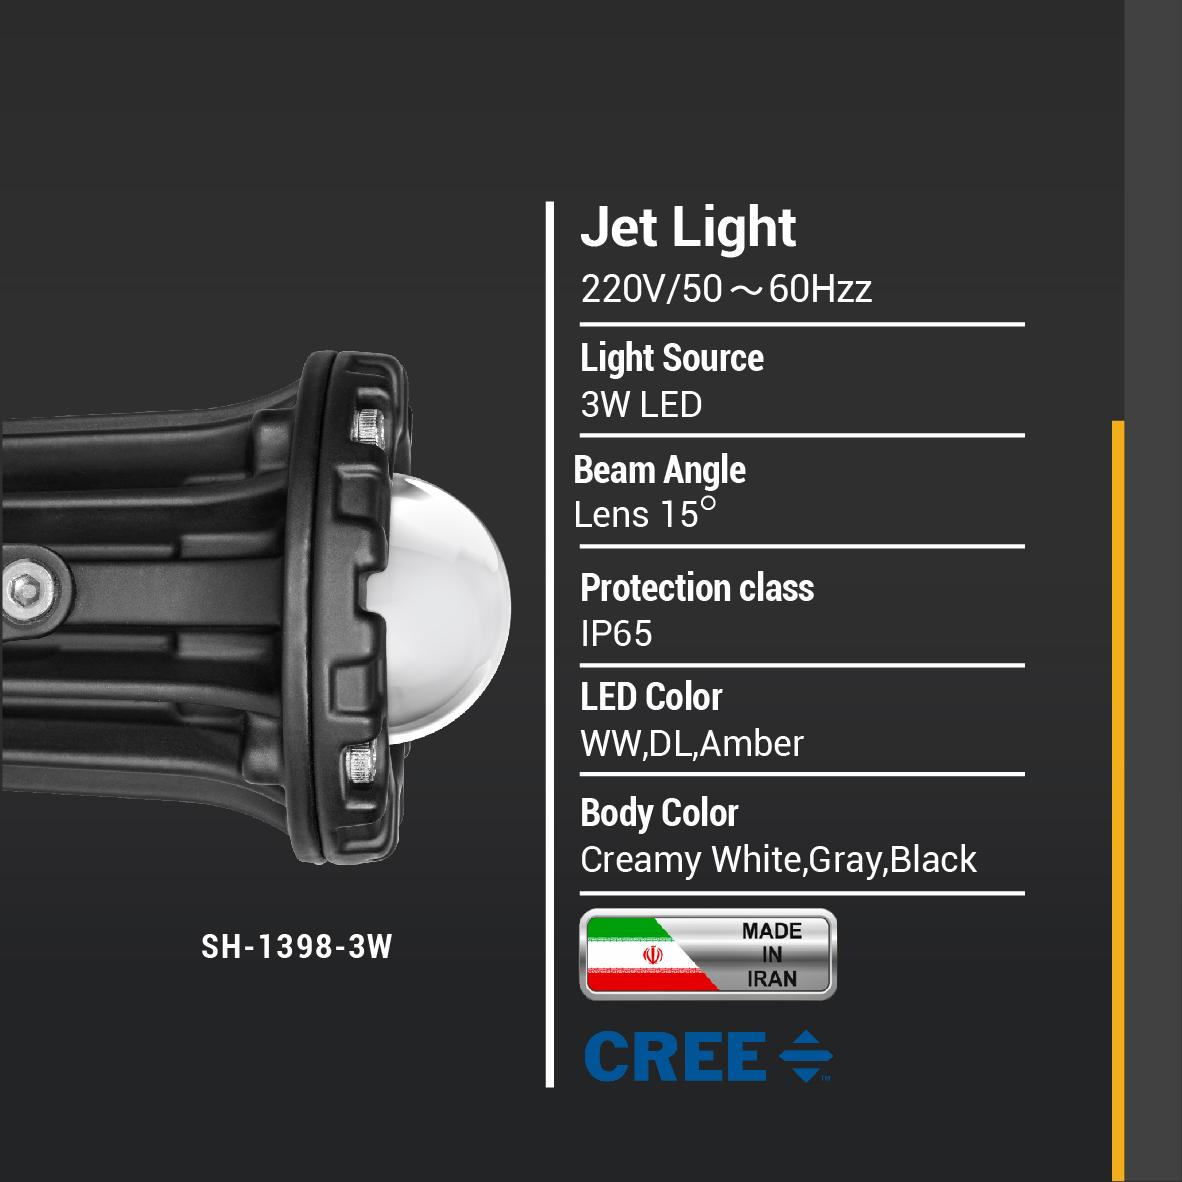 SH-Jet Light-3W